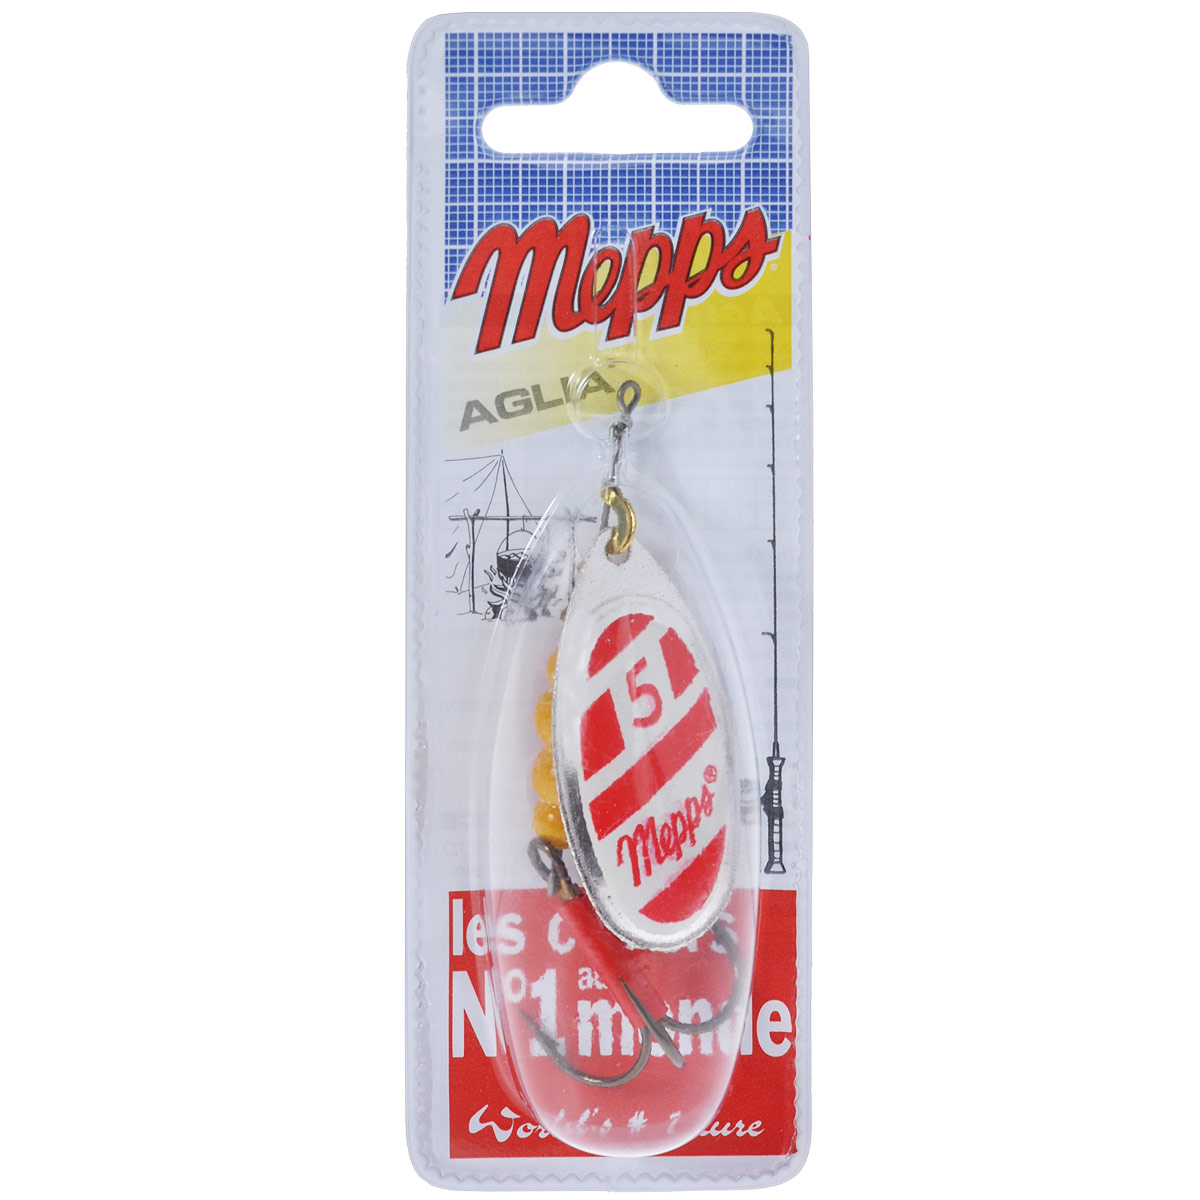 Блесна Mepps Aglia Blanc Rouge AG, вращающаяся, №5, 13 г34962Вращающая блесна Mepps Aglia Blanc Rouge AG - одна из первых блесен французского производства. При вращении угол отклонения лепестка от оси составляет 60°. Блесна в основном предназначена для водоемов со слабым течением, или «стоячей» водой. Благодаря своей превосходно выверенной механике, она начинает послушно вращаться, лишь только коснется воды. Конус вращения адаптируется к силе течения, что позволяет ей создавать вибрации, наиболее привлекательные для хищников. Обладает устойчиво-ровным движением (поведением) в воде - при различных способах и скоростях проводки.Блесна Mepps AGLIA - очень популярная классическая модель. Рекомендуется при ловле форели, окуня, голавля, жереха, язя, как крупных, так и меньшего размера.